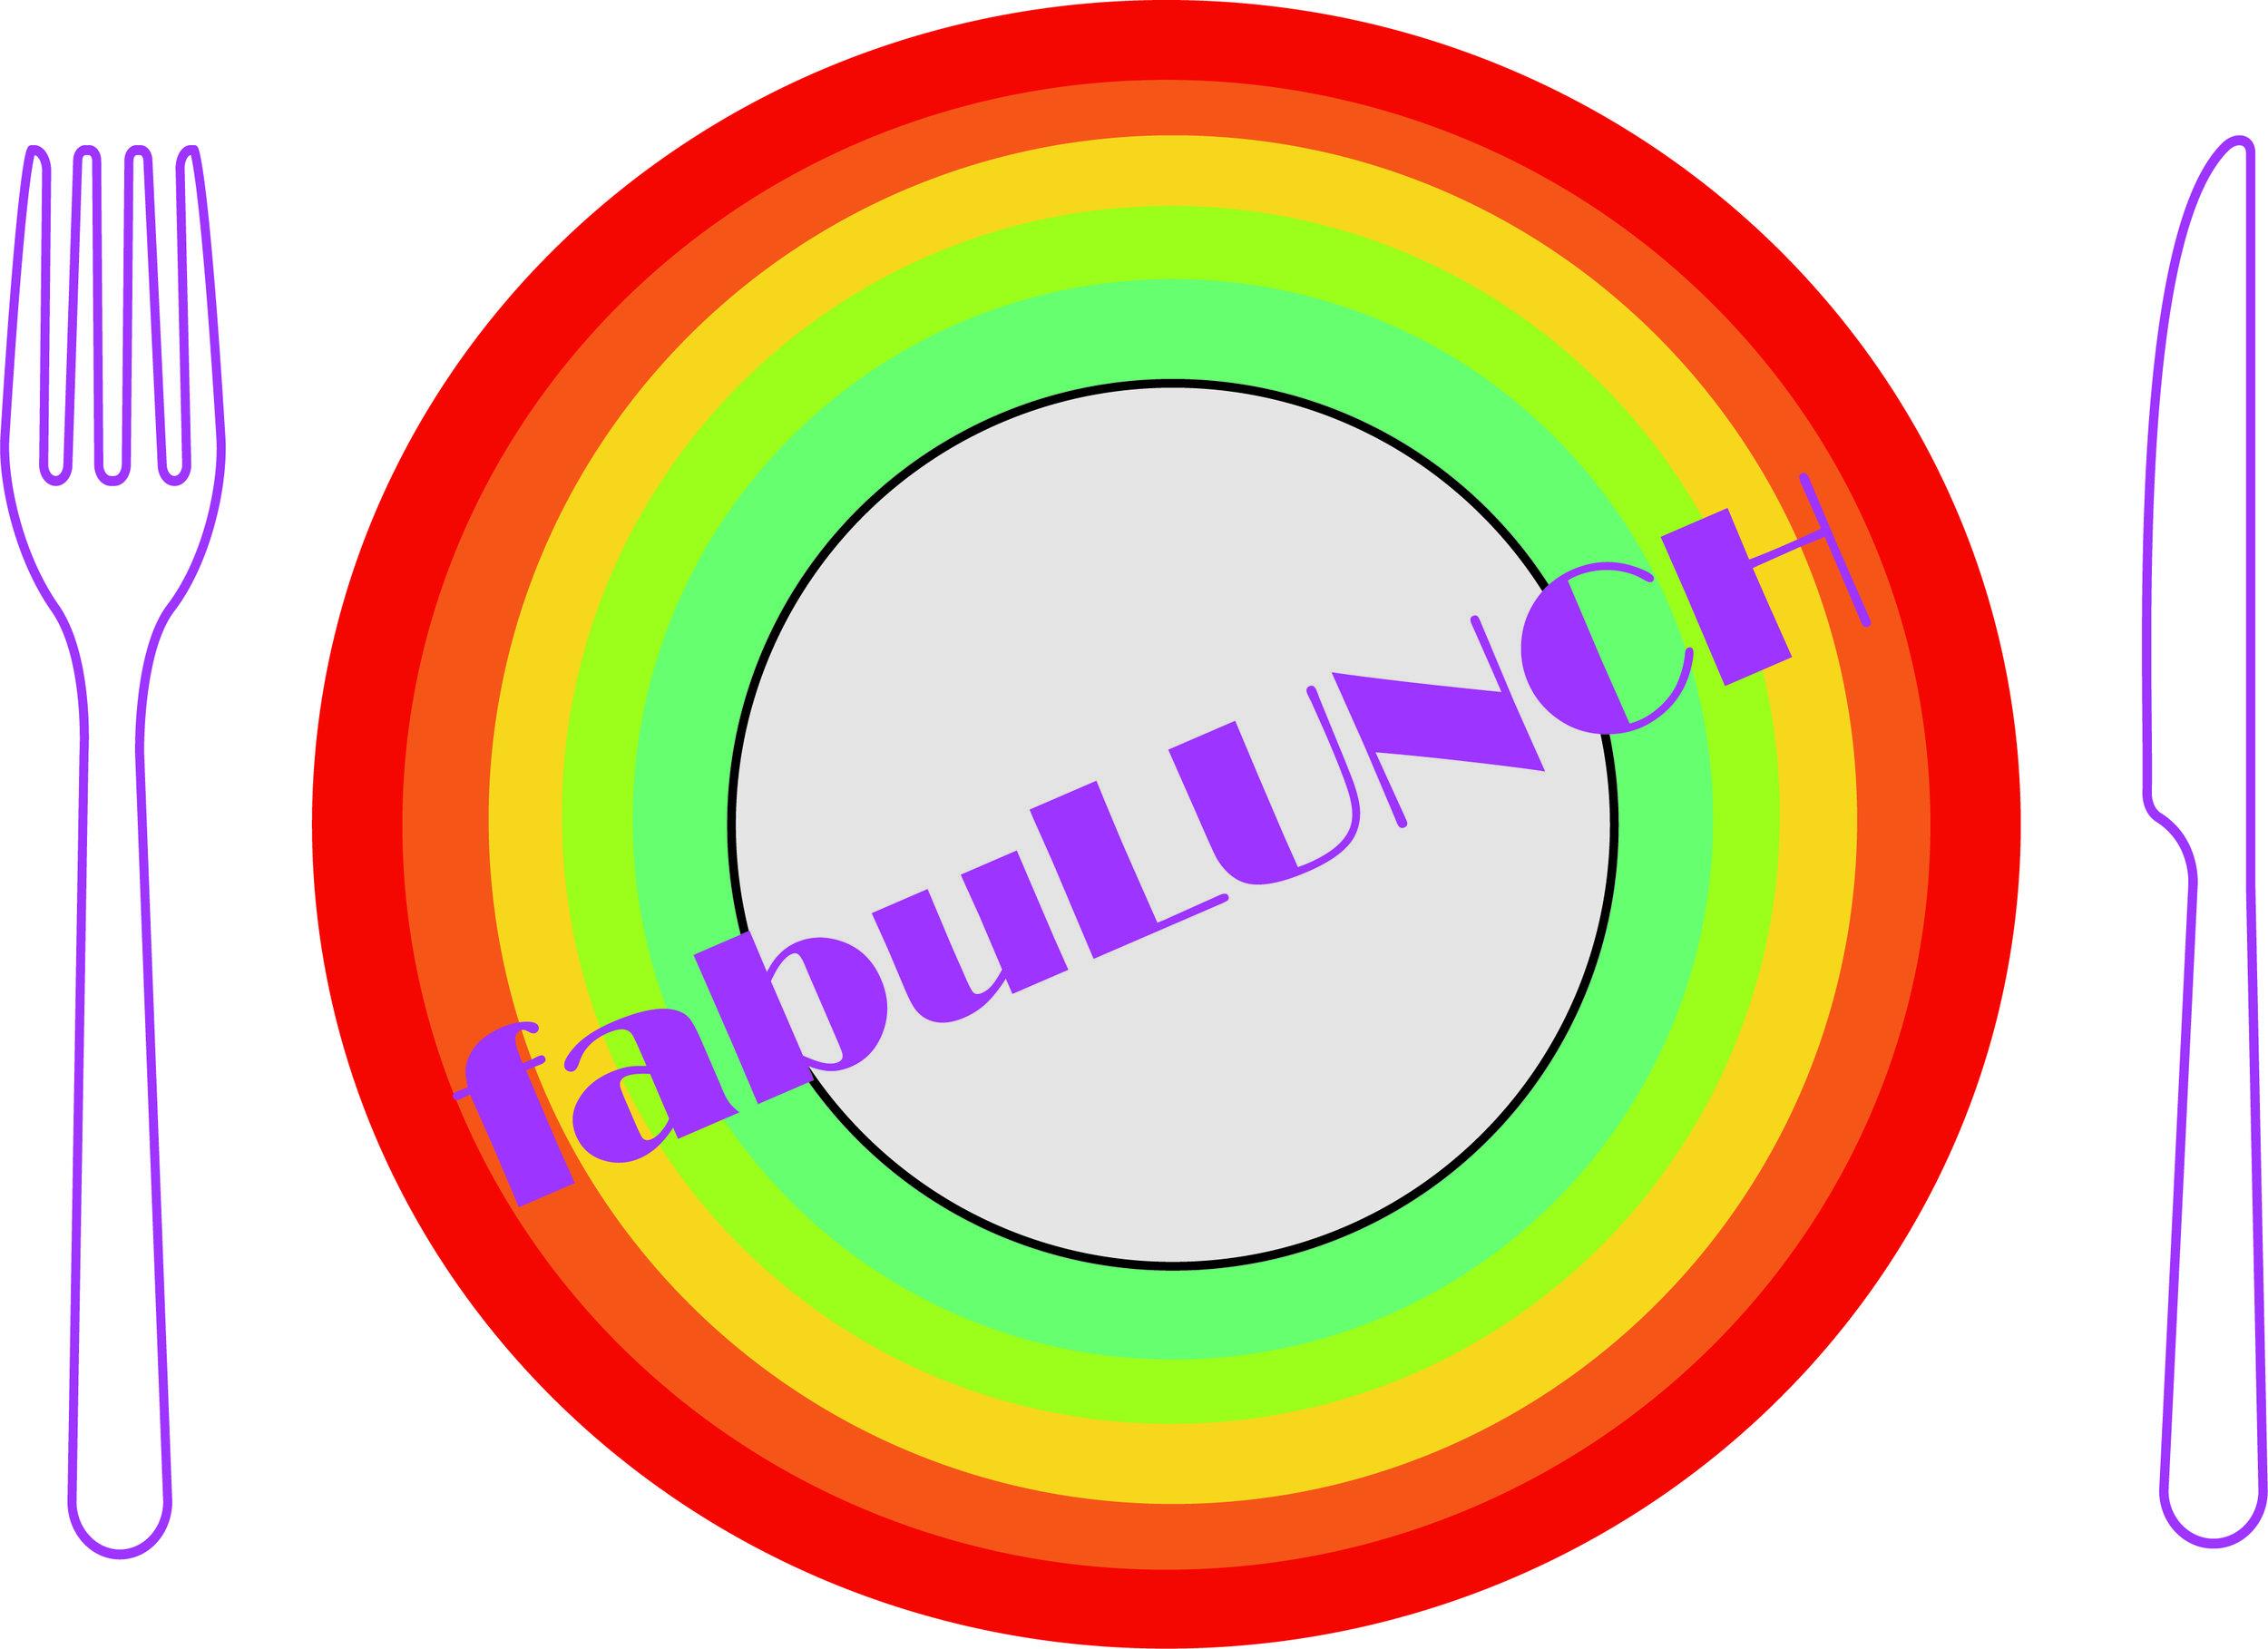 Fabulunch